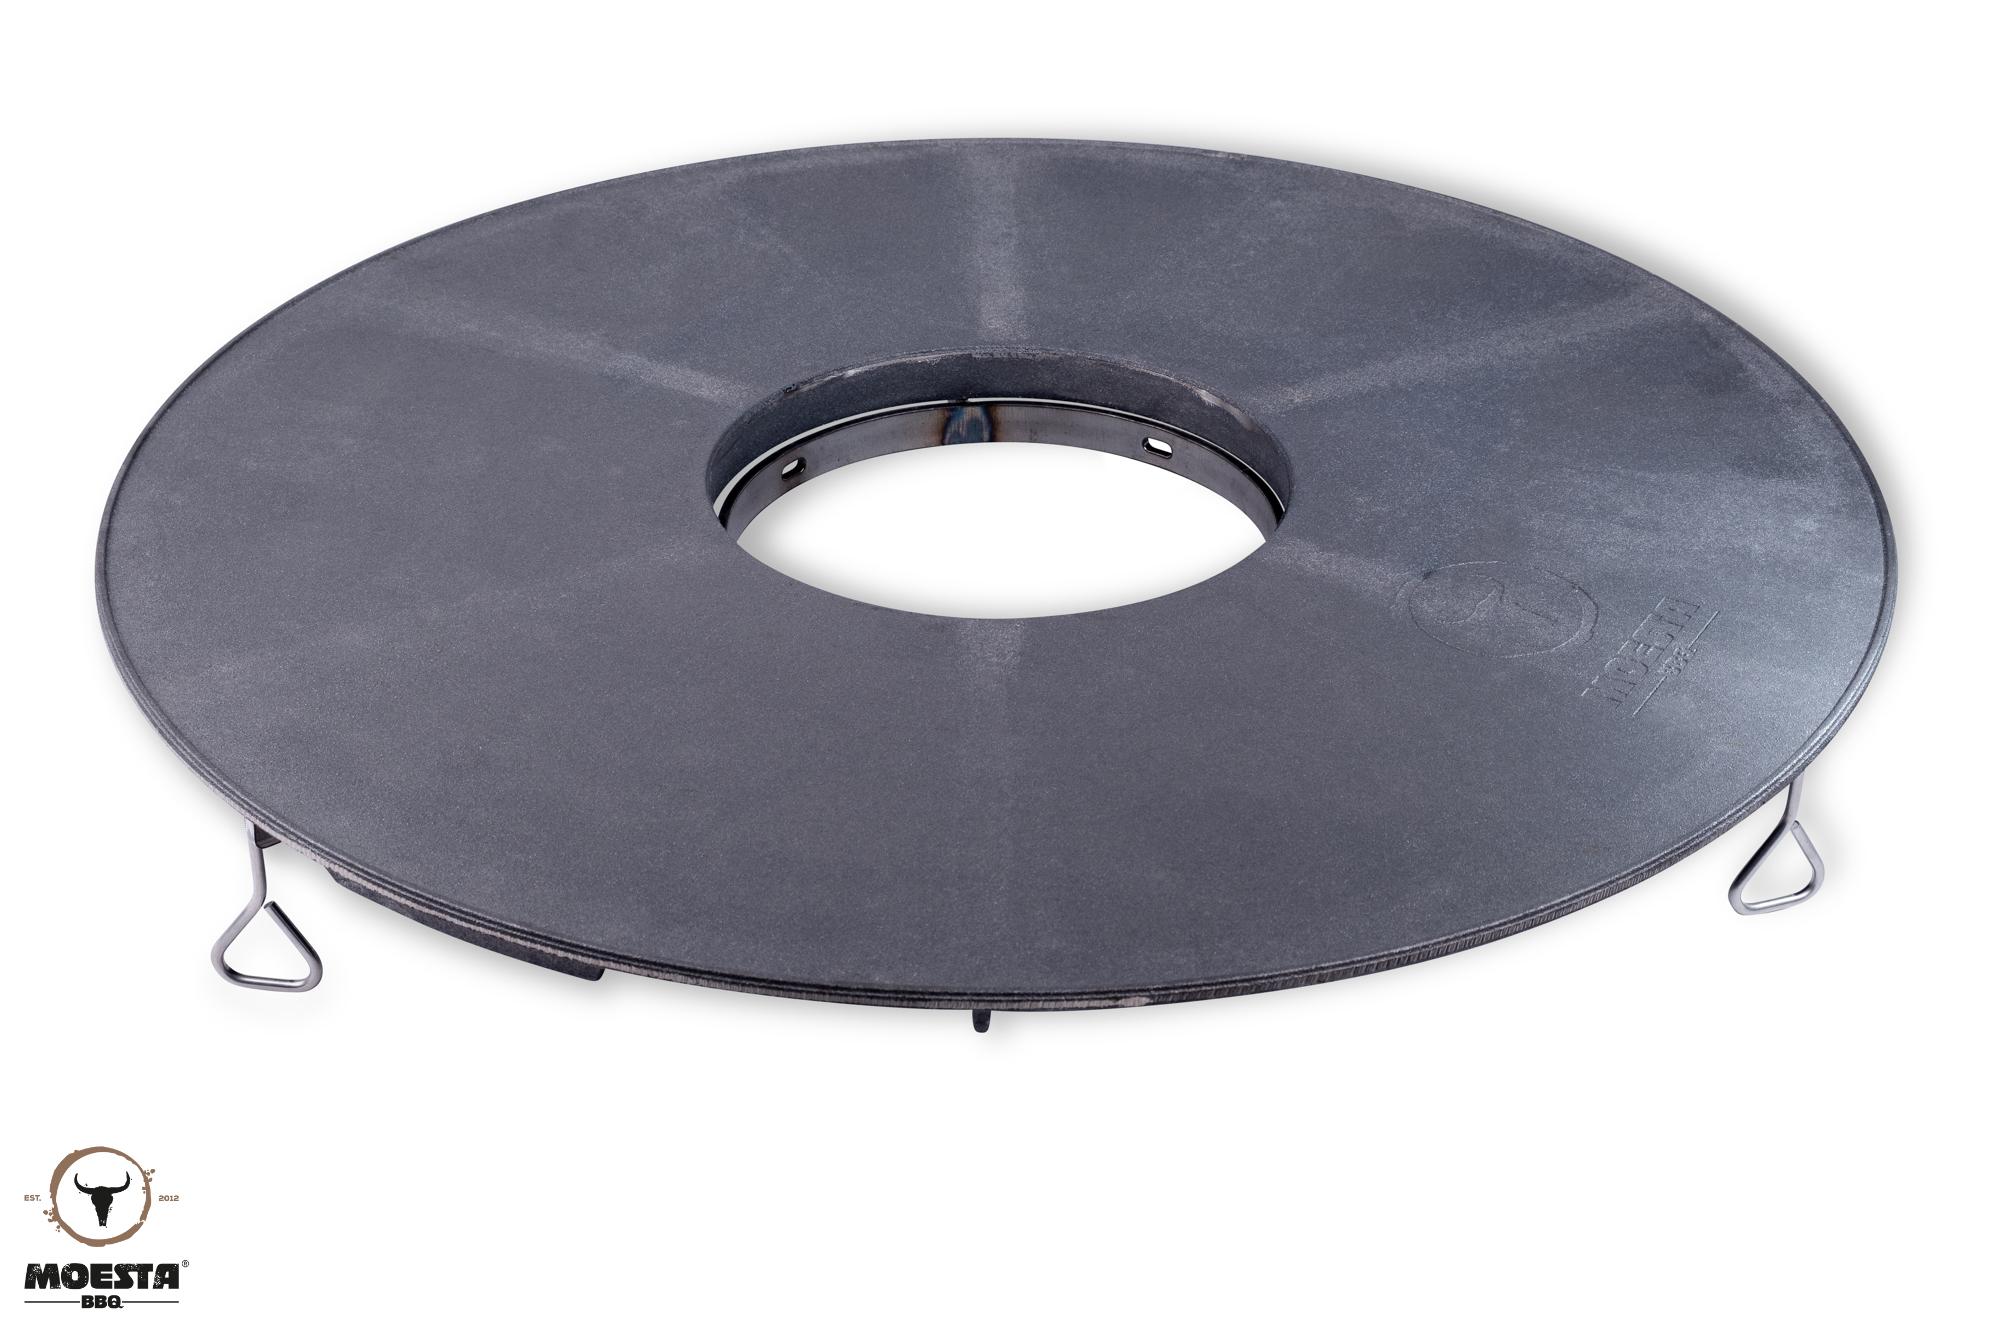 BBQ Disk Feuerplatte inkl. Höhenversteller